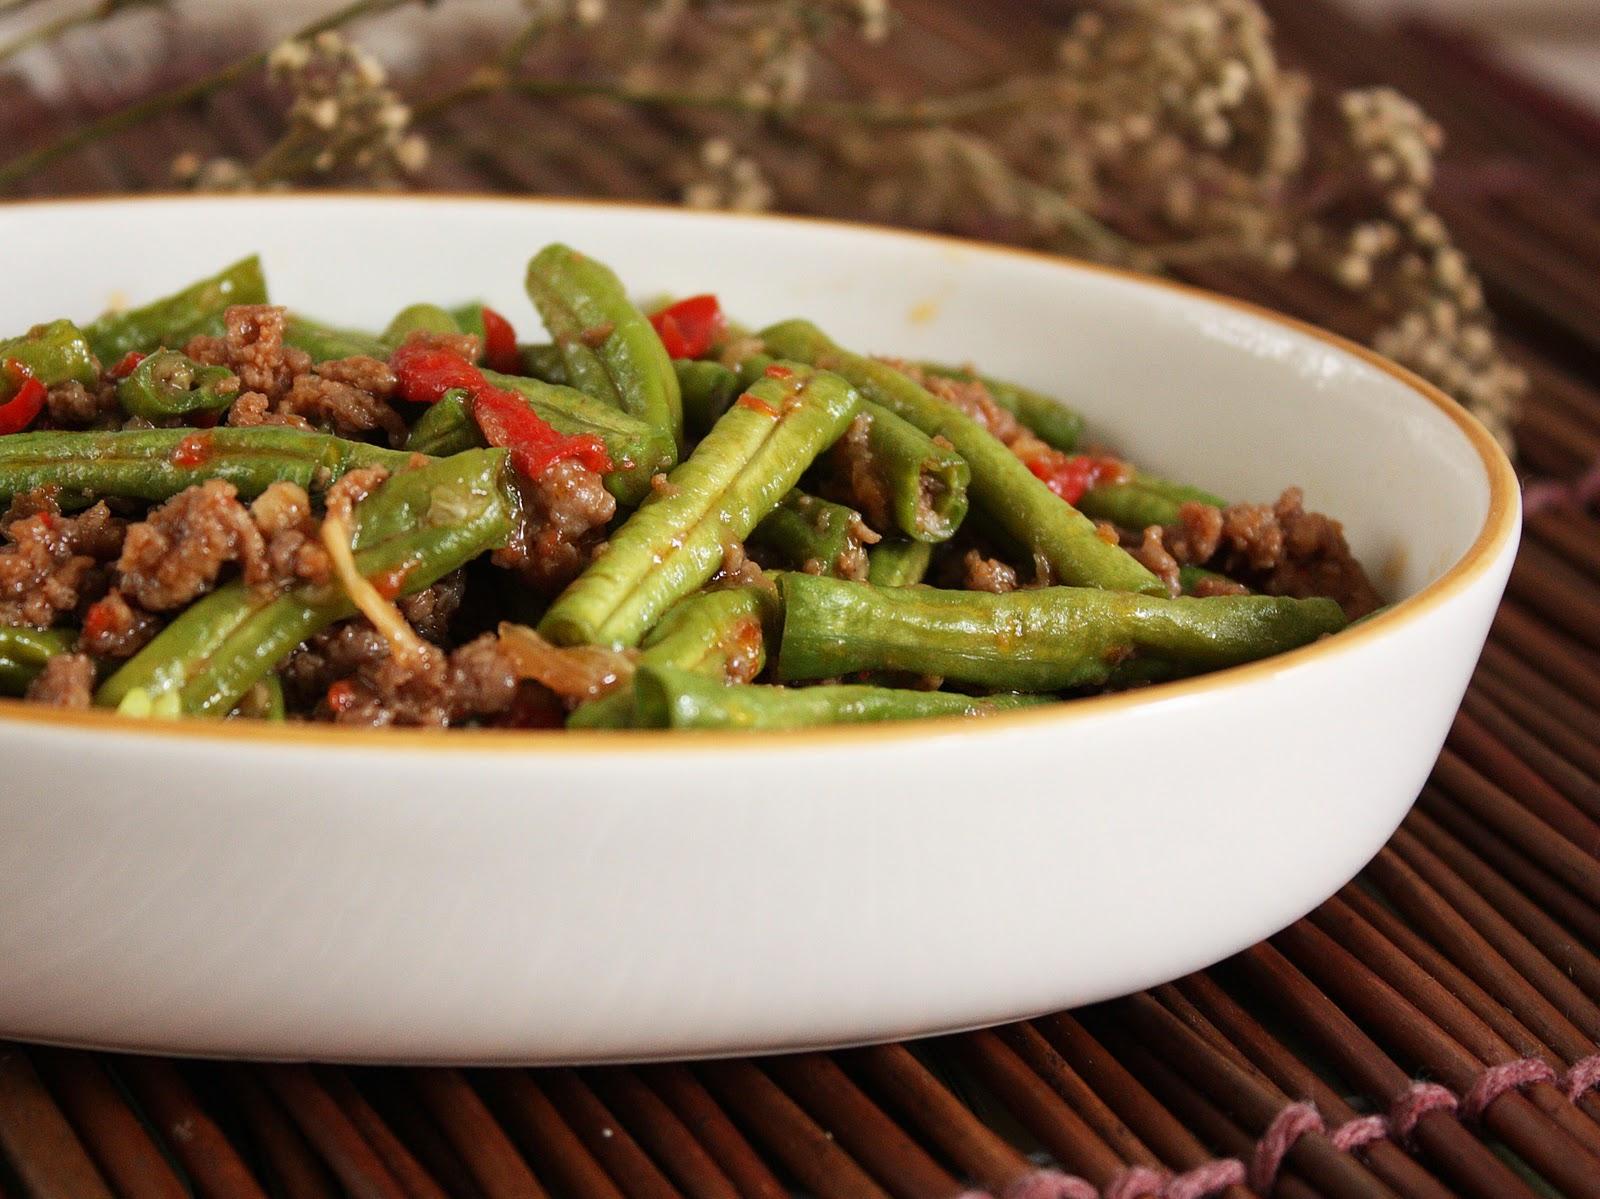 Стручковая фасоль с мясом Блюда по-домашнему с фото по шагам рецепта 73